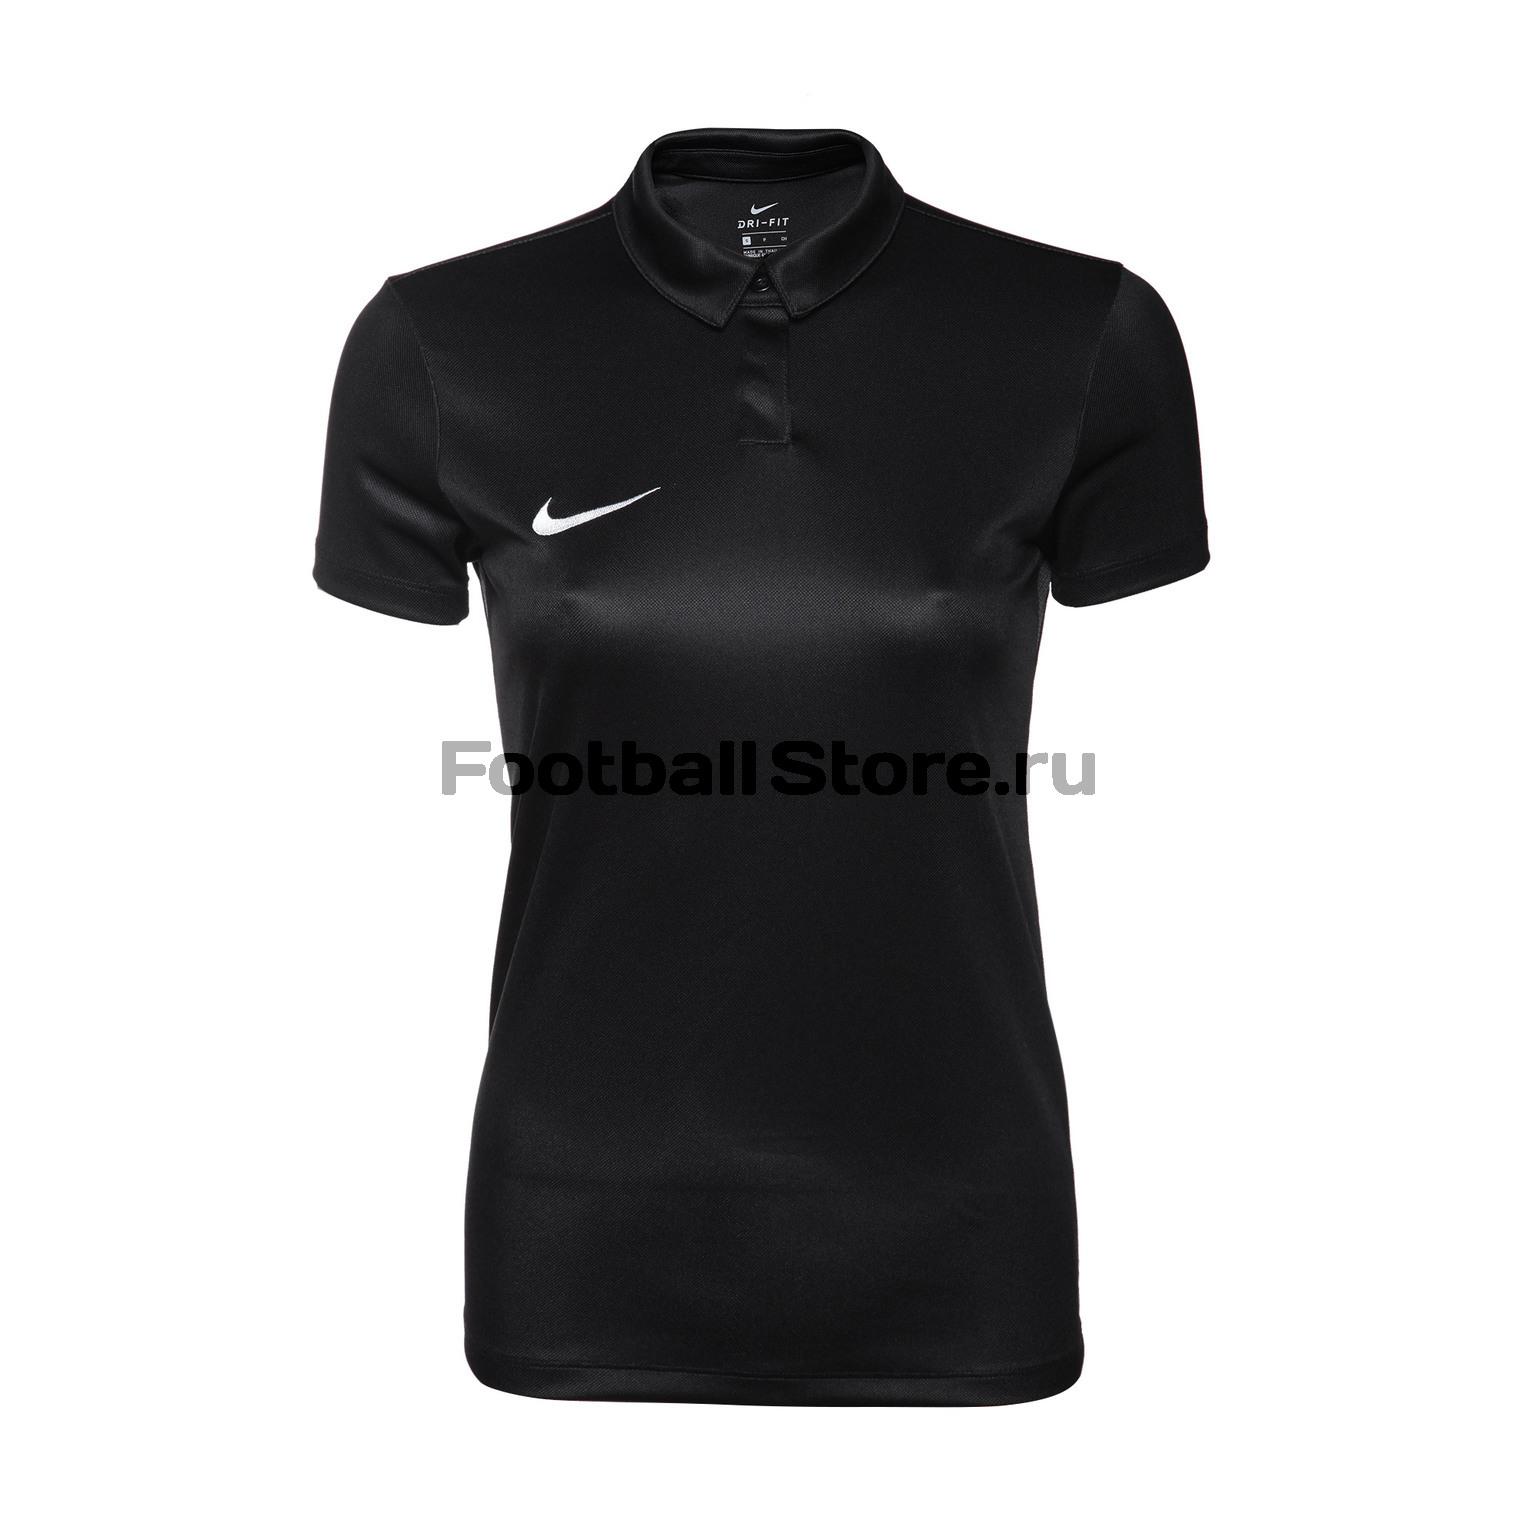 Поло женское Nike Dry Academy18 899986-010